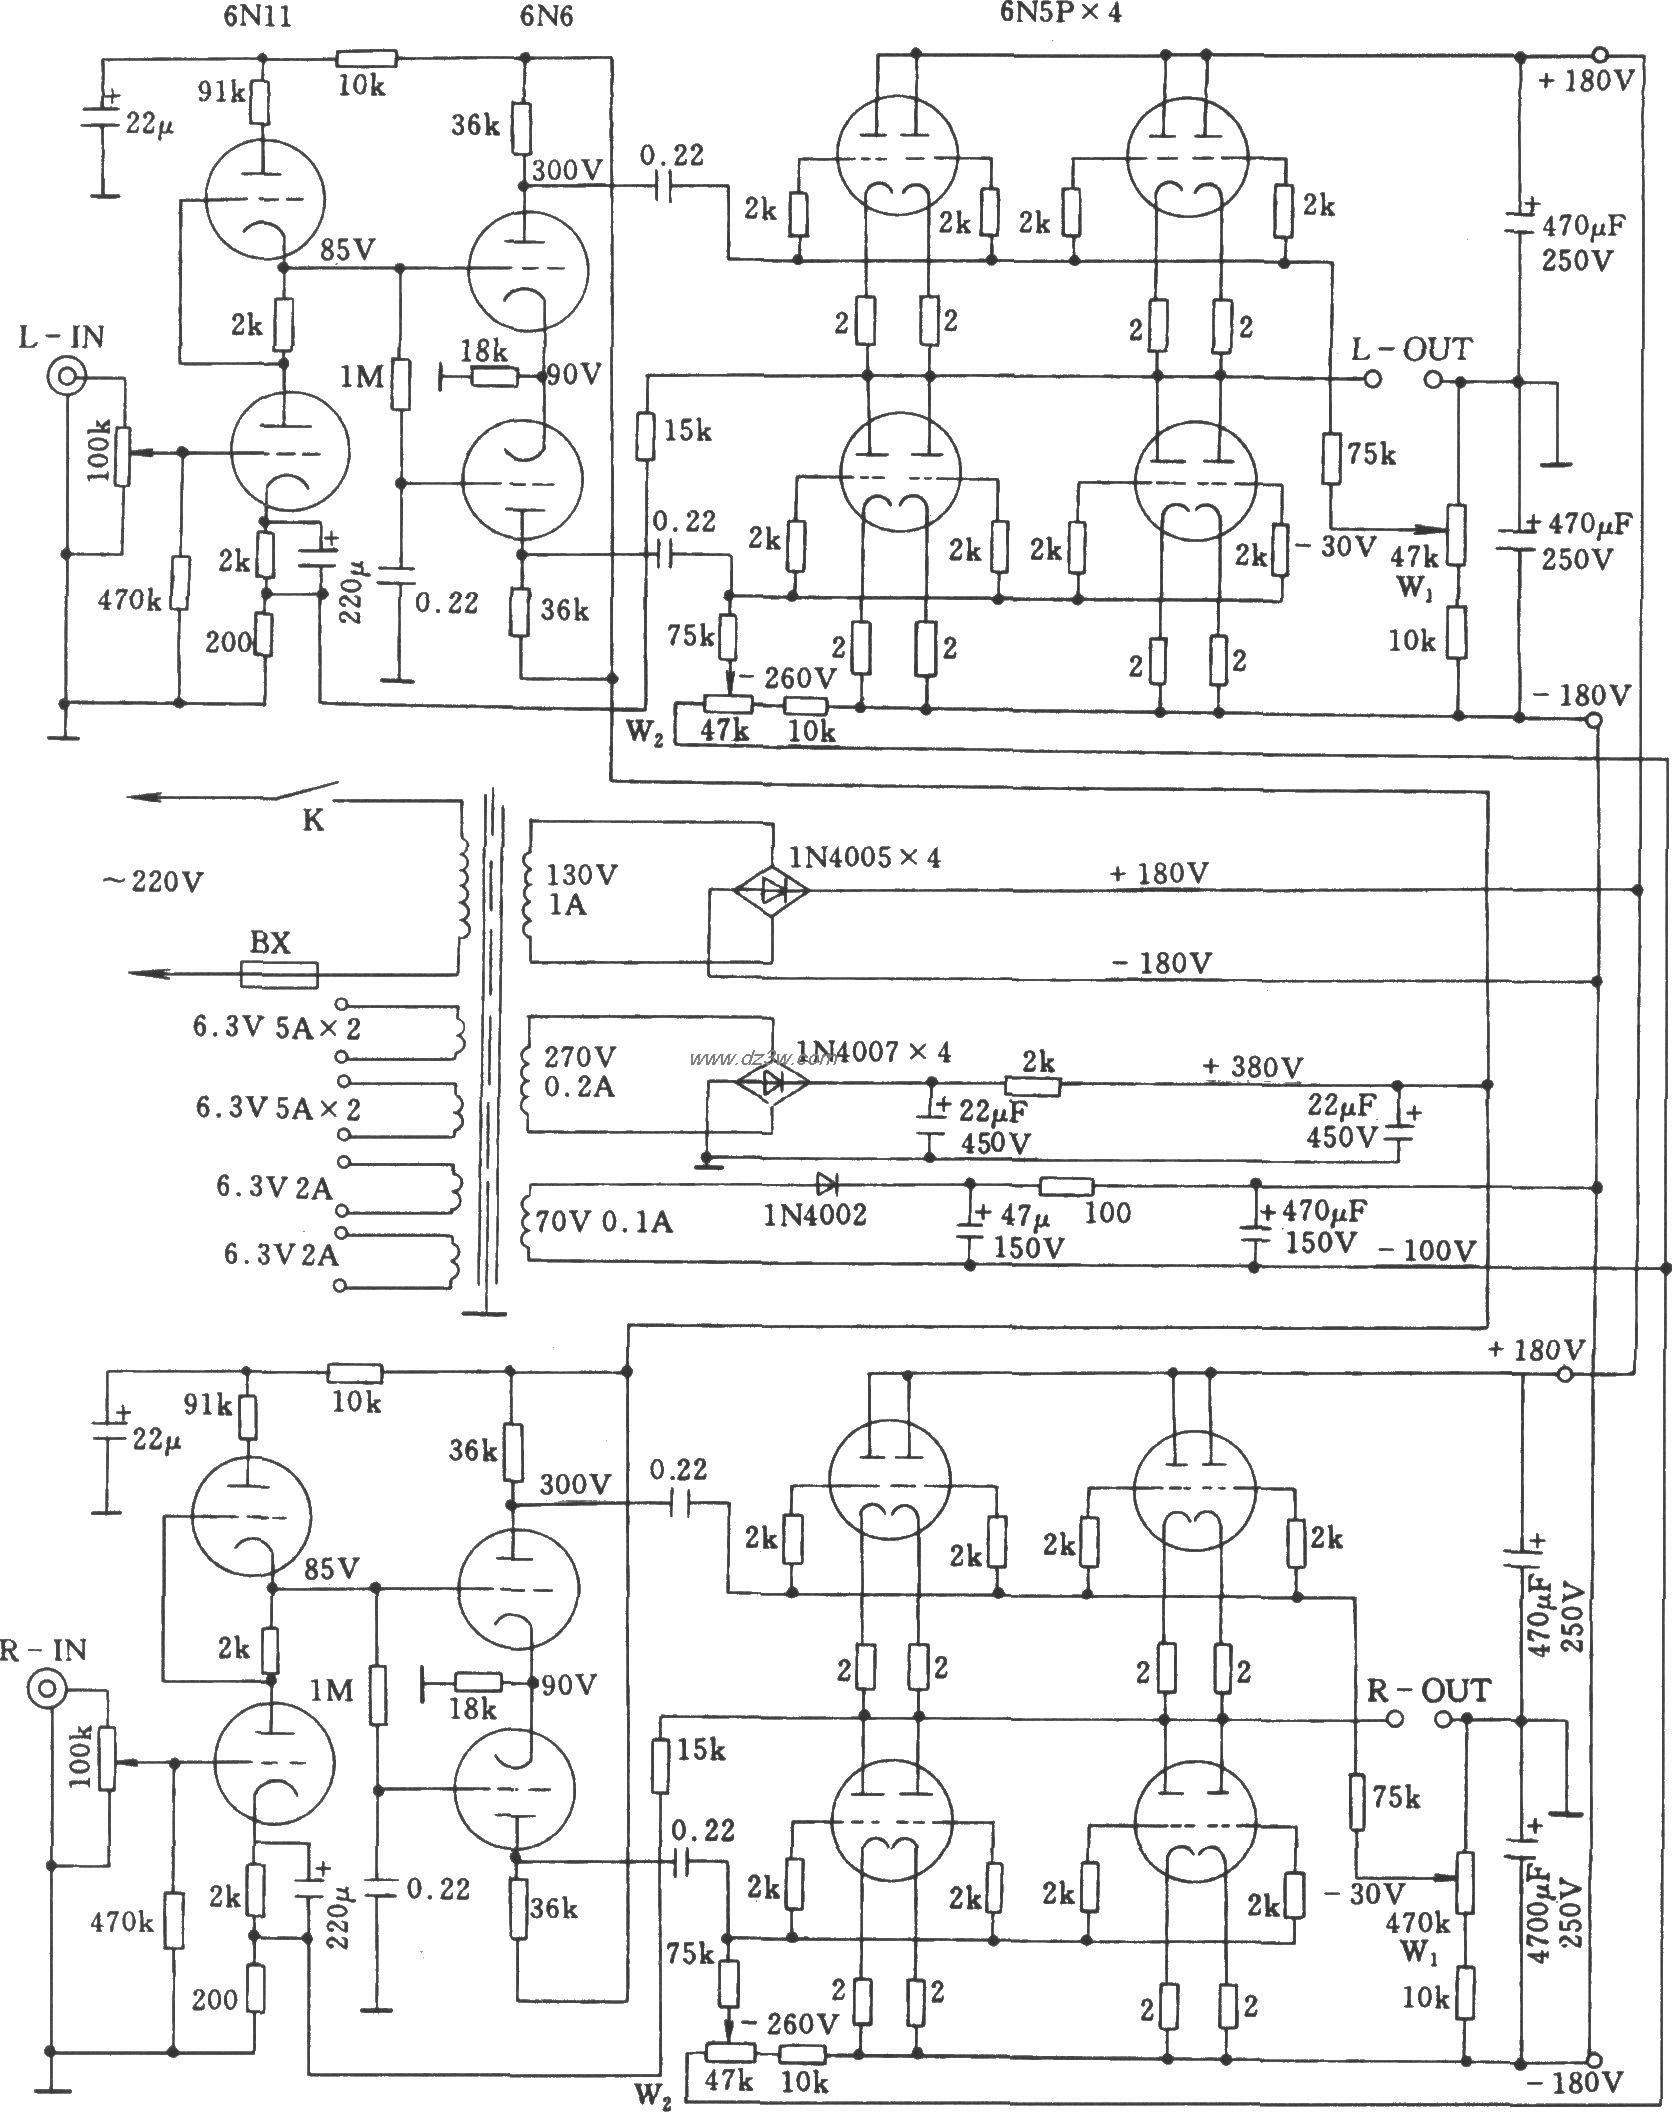 采用6n5p电子管的立体声otl功率放大器电路